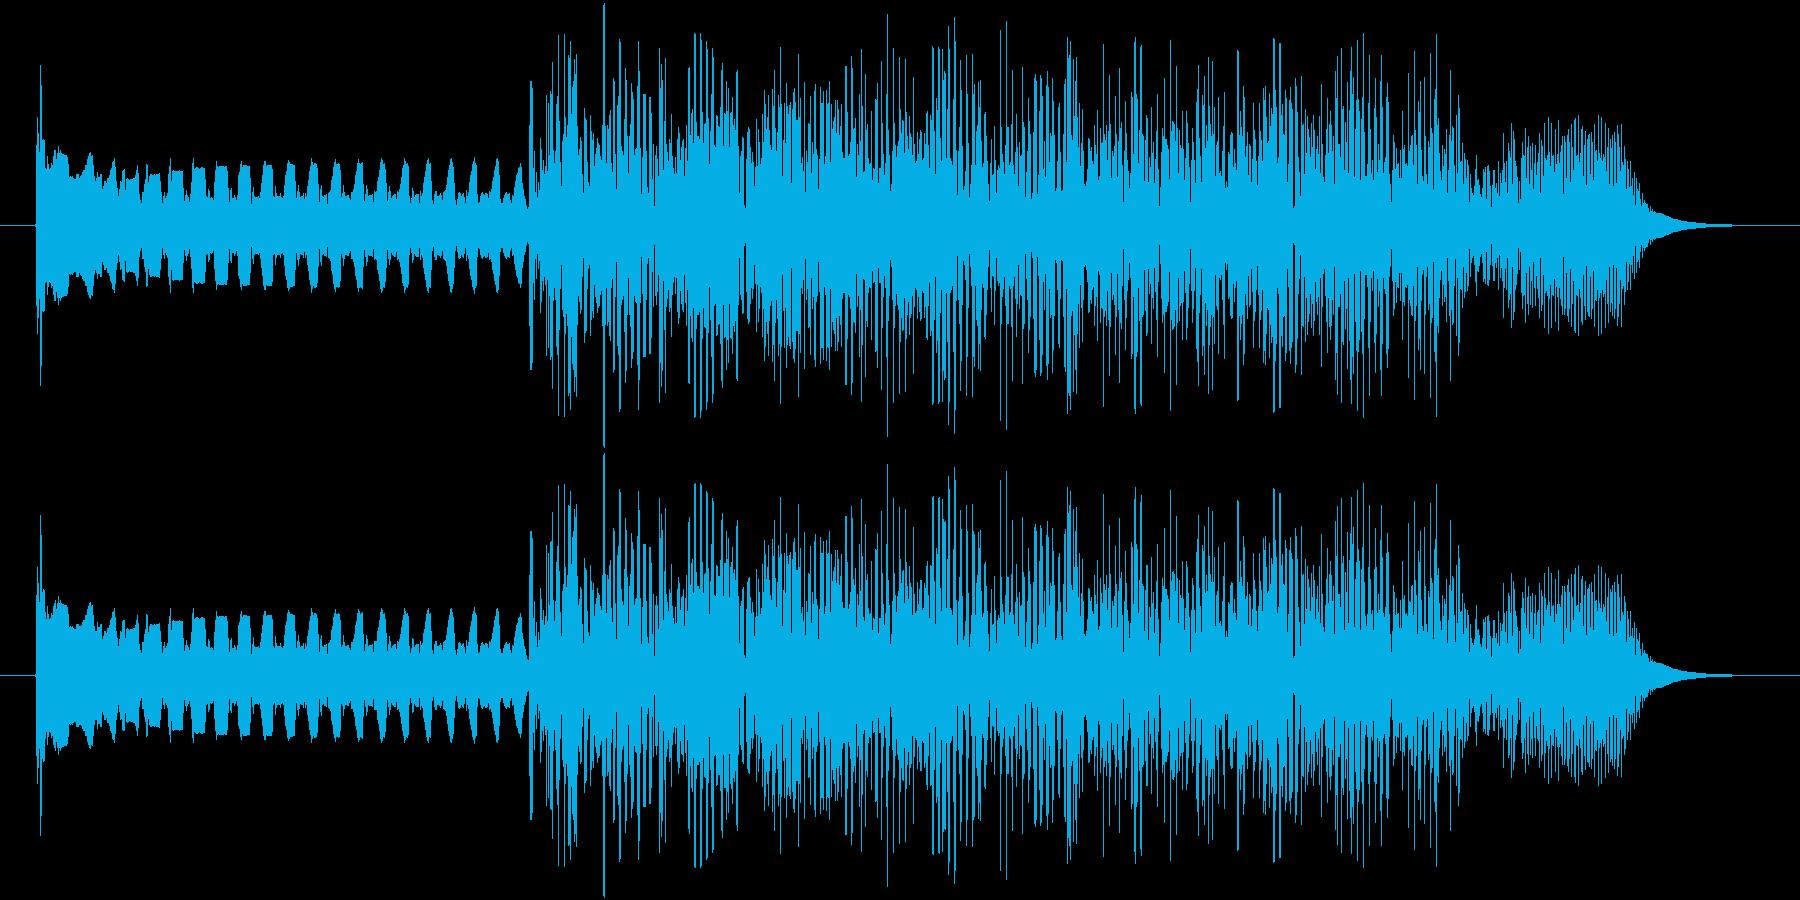 ピー、ガー(レトロなコンピューター)の再生済みの波形